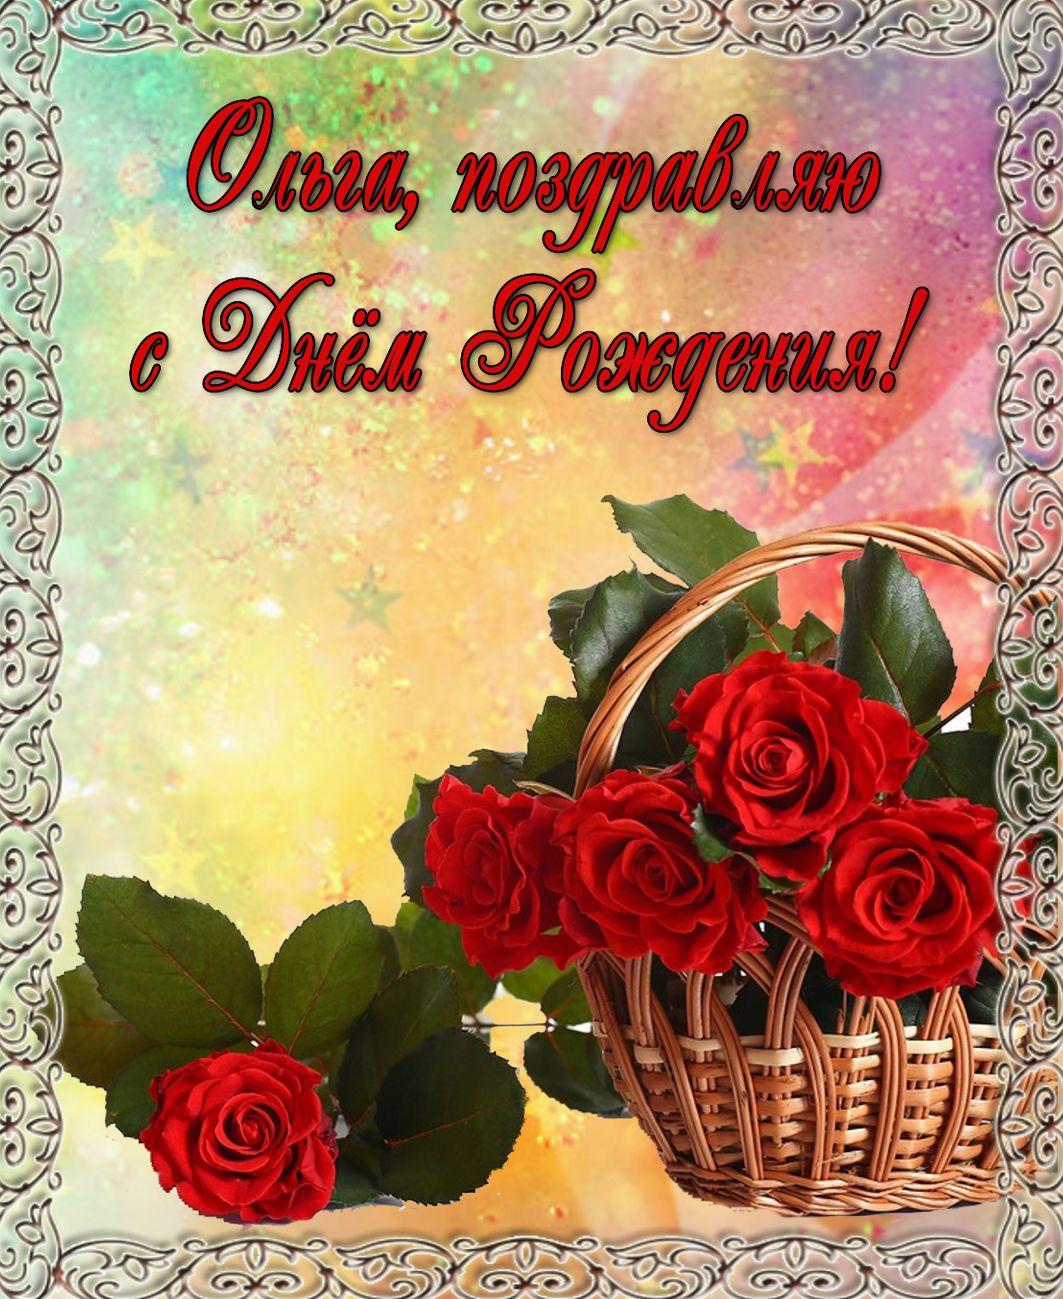 открытка - корзина красных роз в красивой рамке Ольге